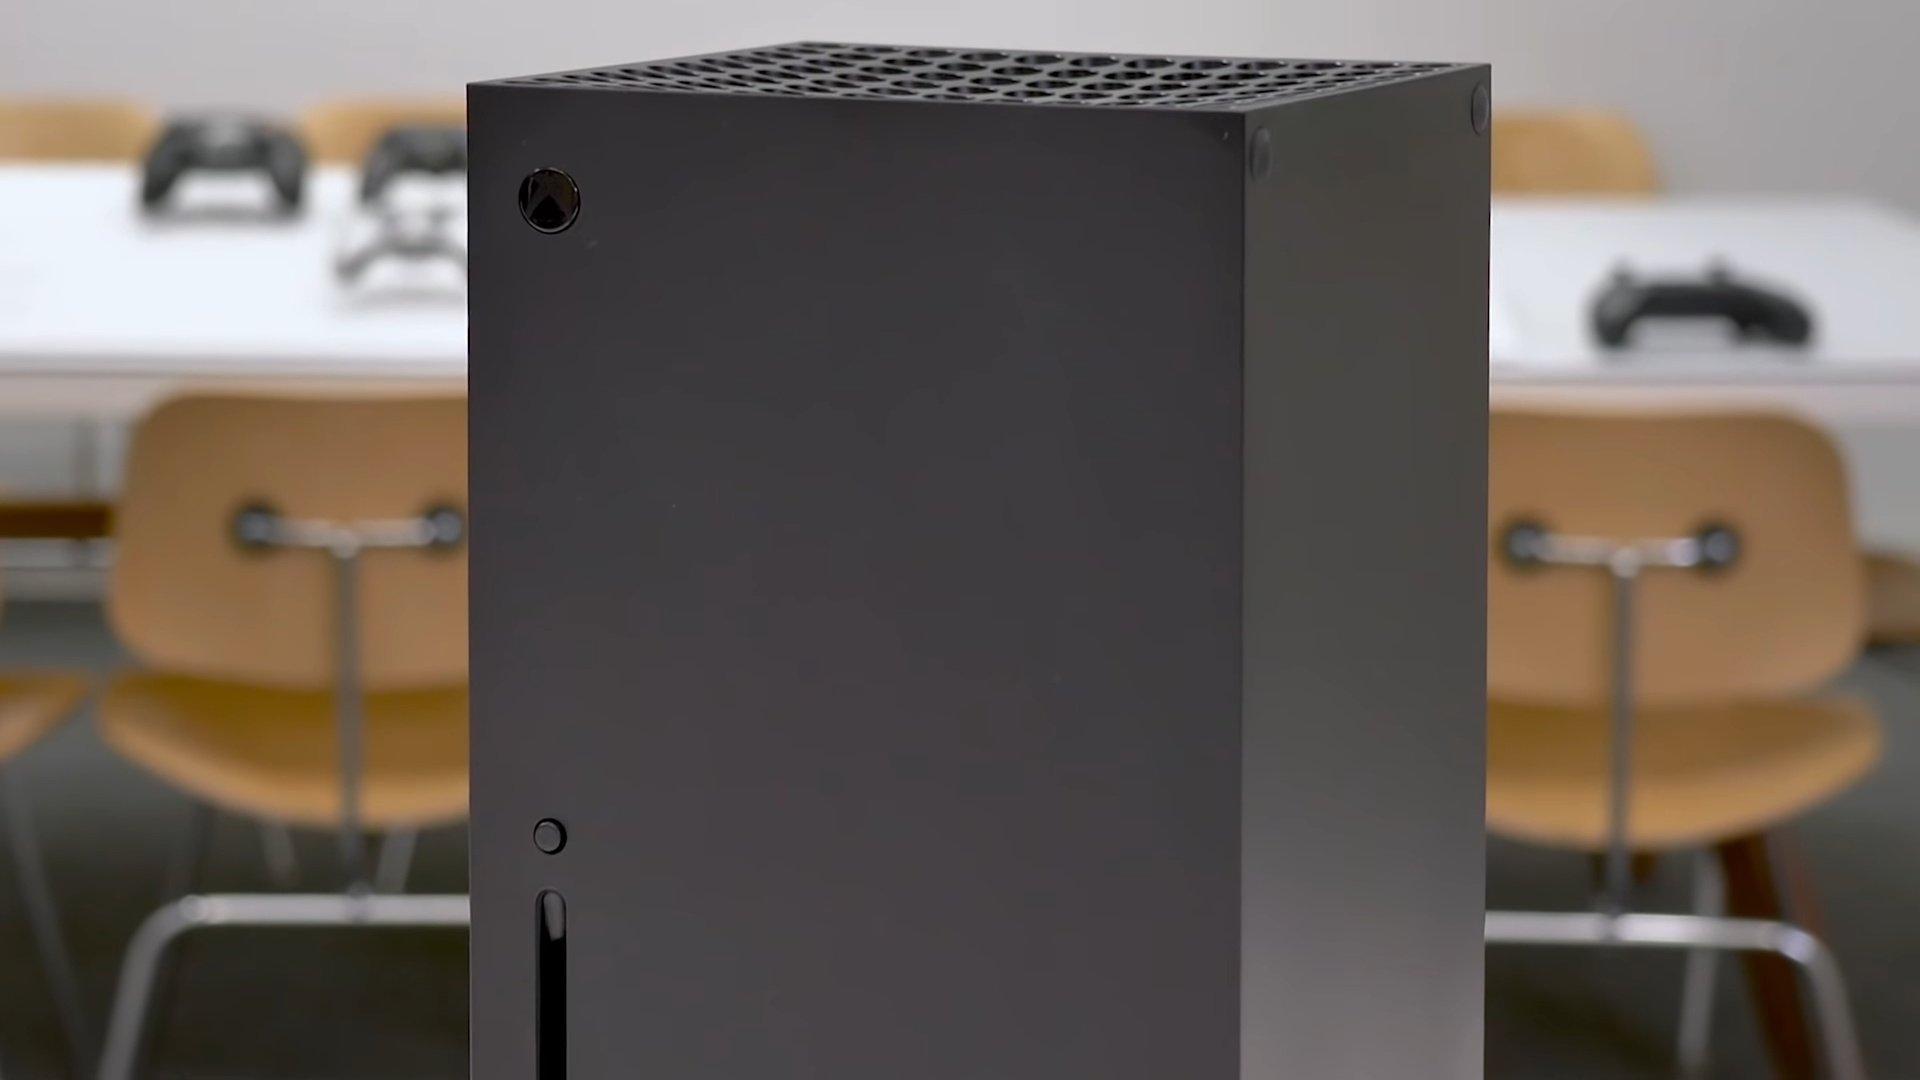 The Xbox Series X Has Four Tiny Rubber Feet For Horizontal Orientation Xbox News